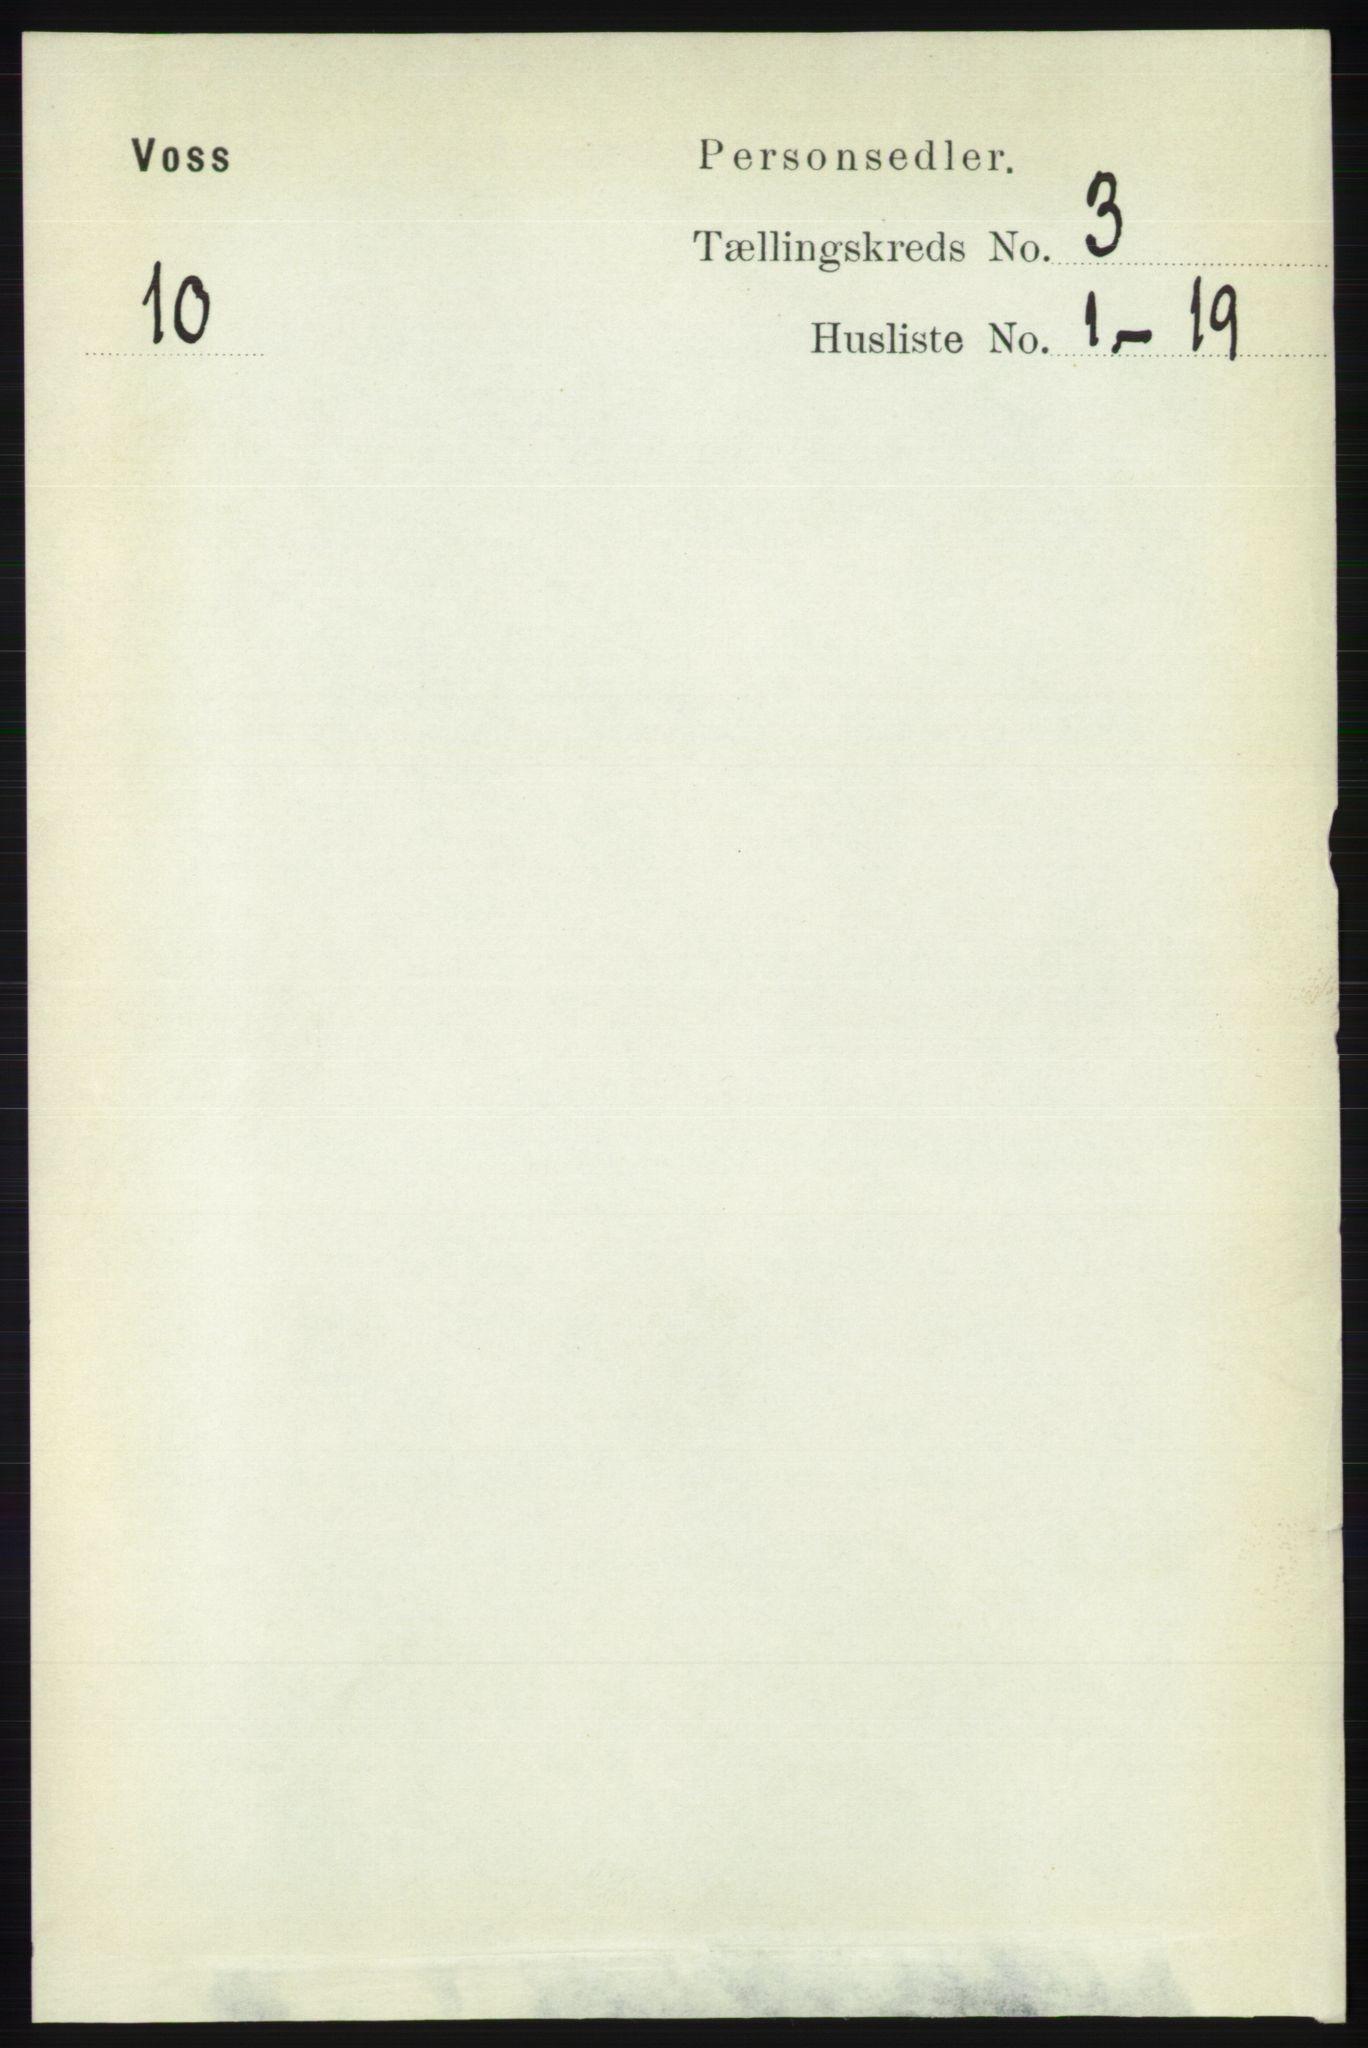 RA, Folketelling 1891 for 1235 Voss herred, 1891, s. 1173